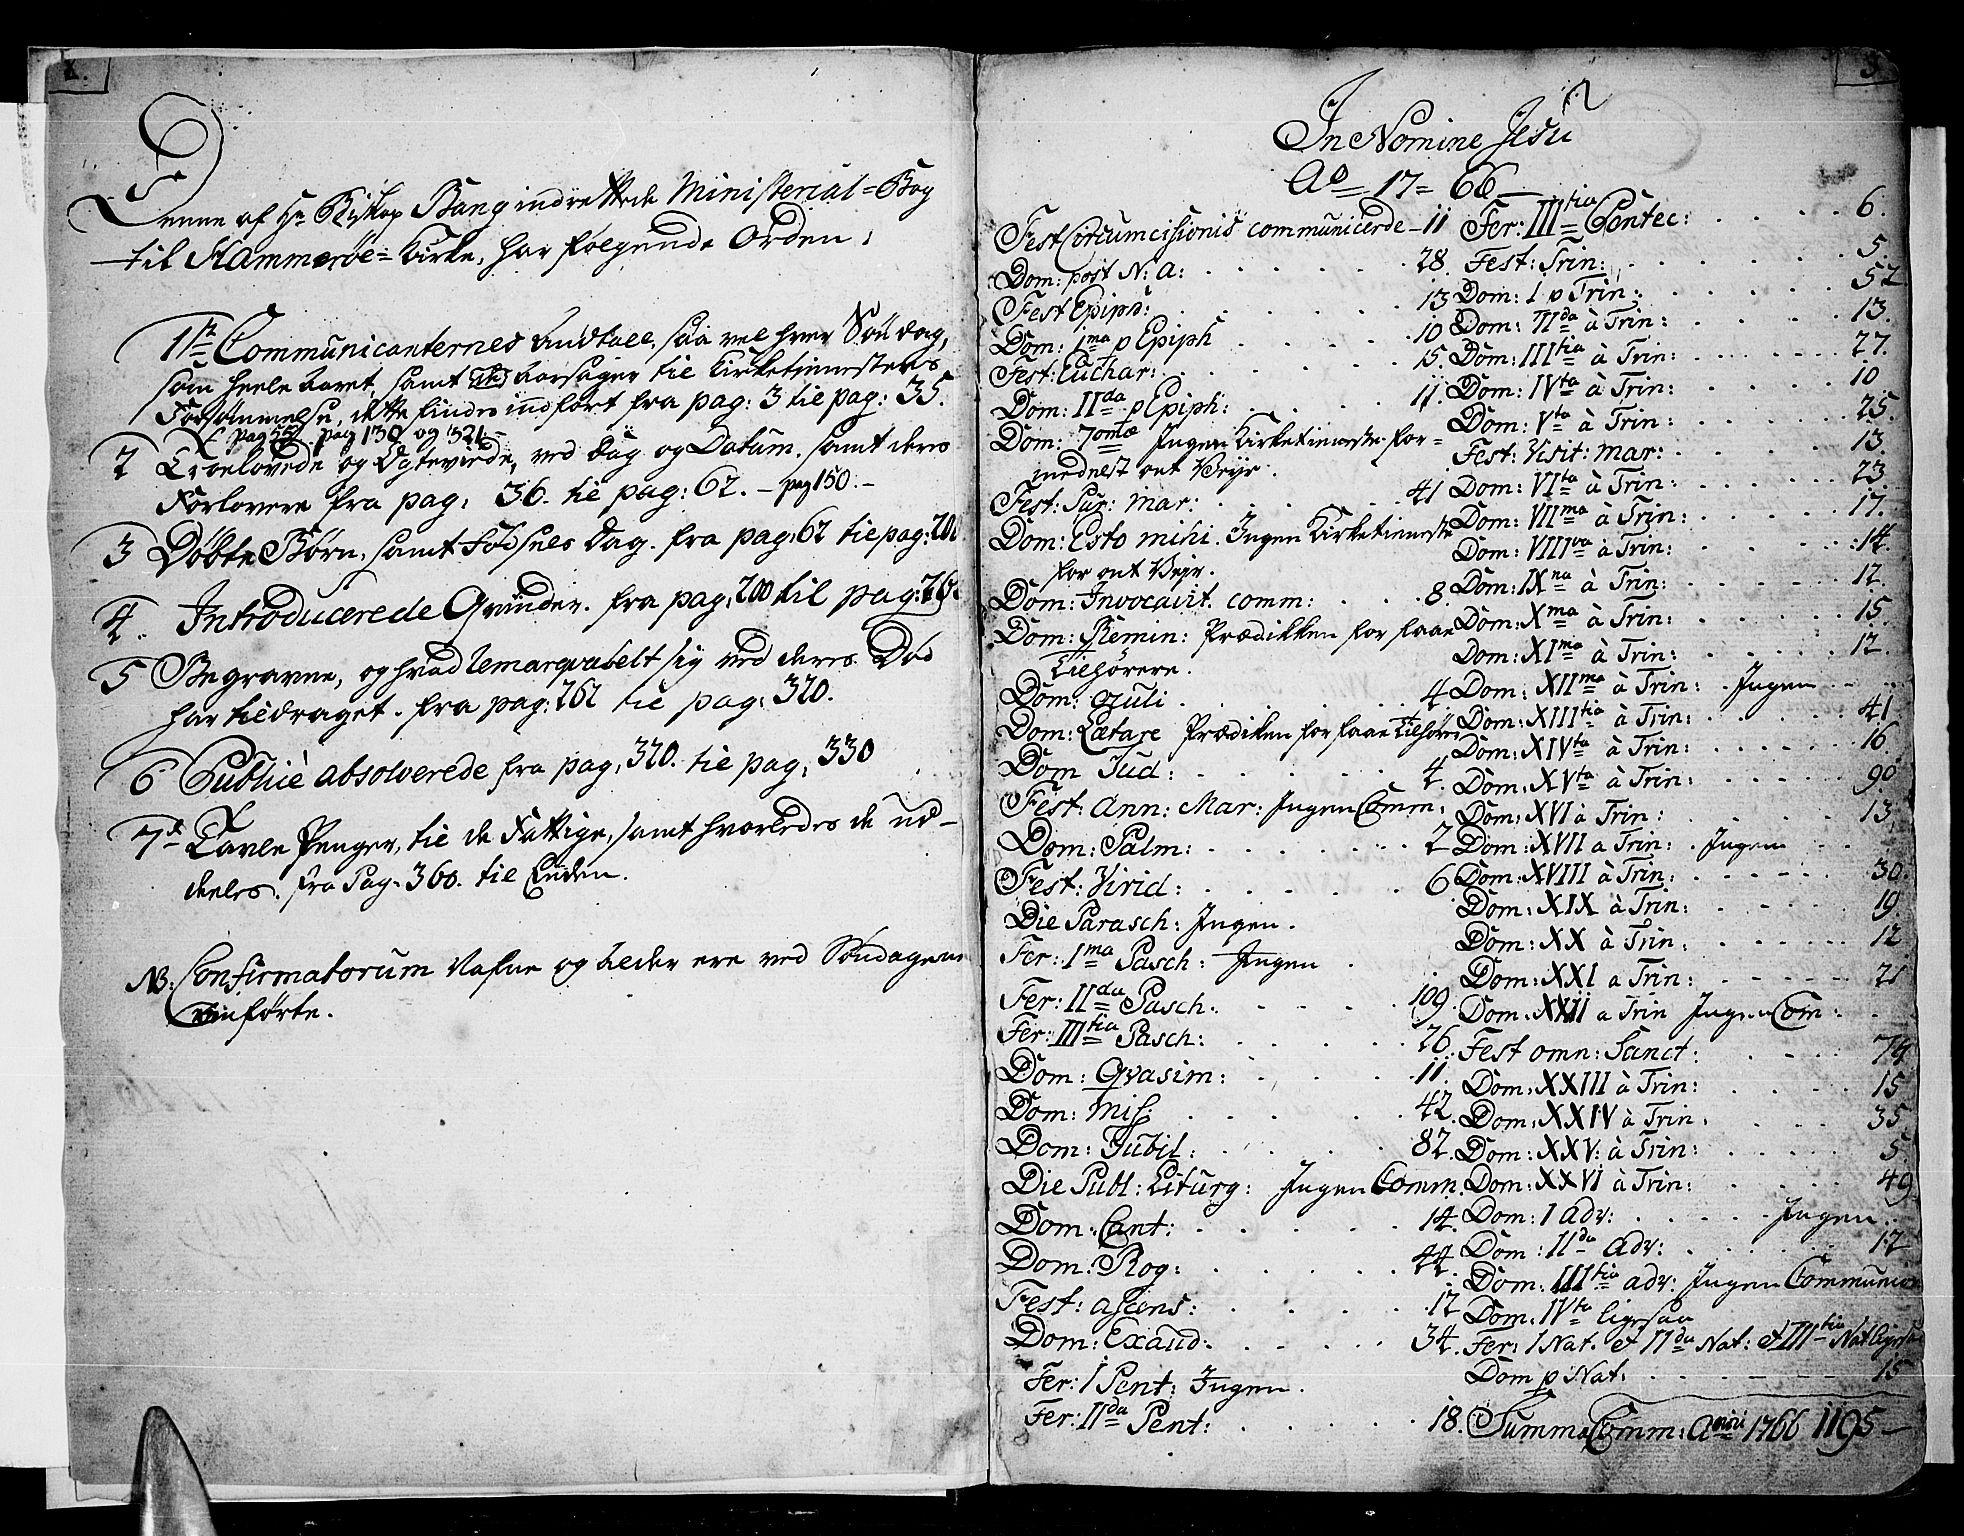 SAT, Ministerialprotokoller, klokkerbøker og fødselsregistre - Nordland, 859/L0841: Parish register (official) no. 859A01, 1766-1821, p. 2-3